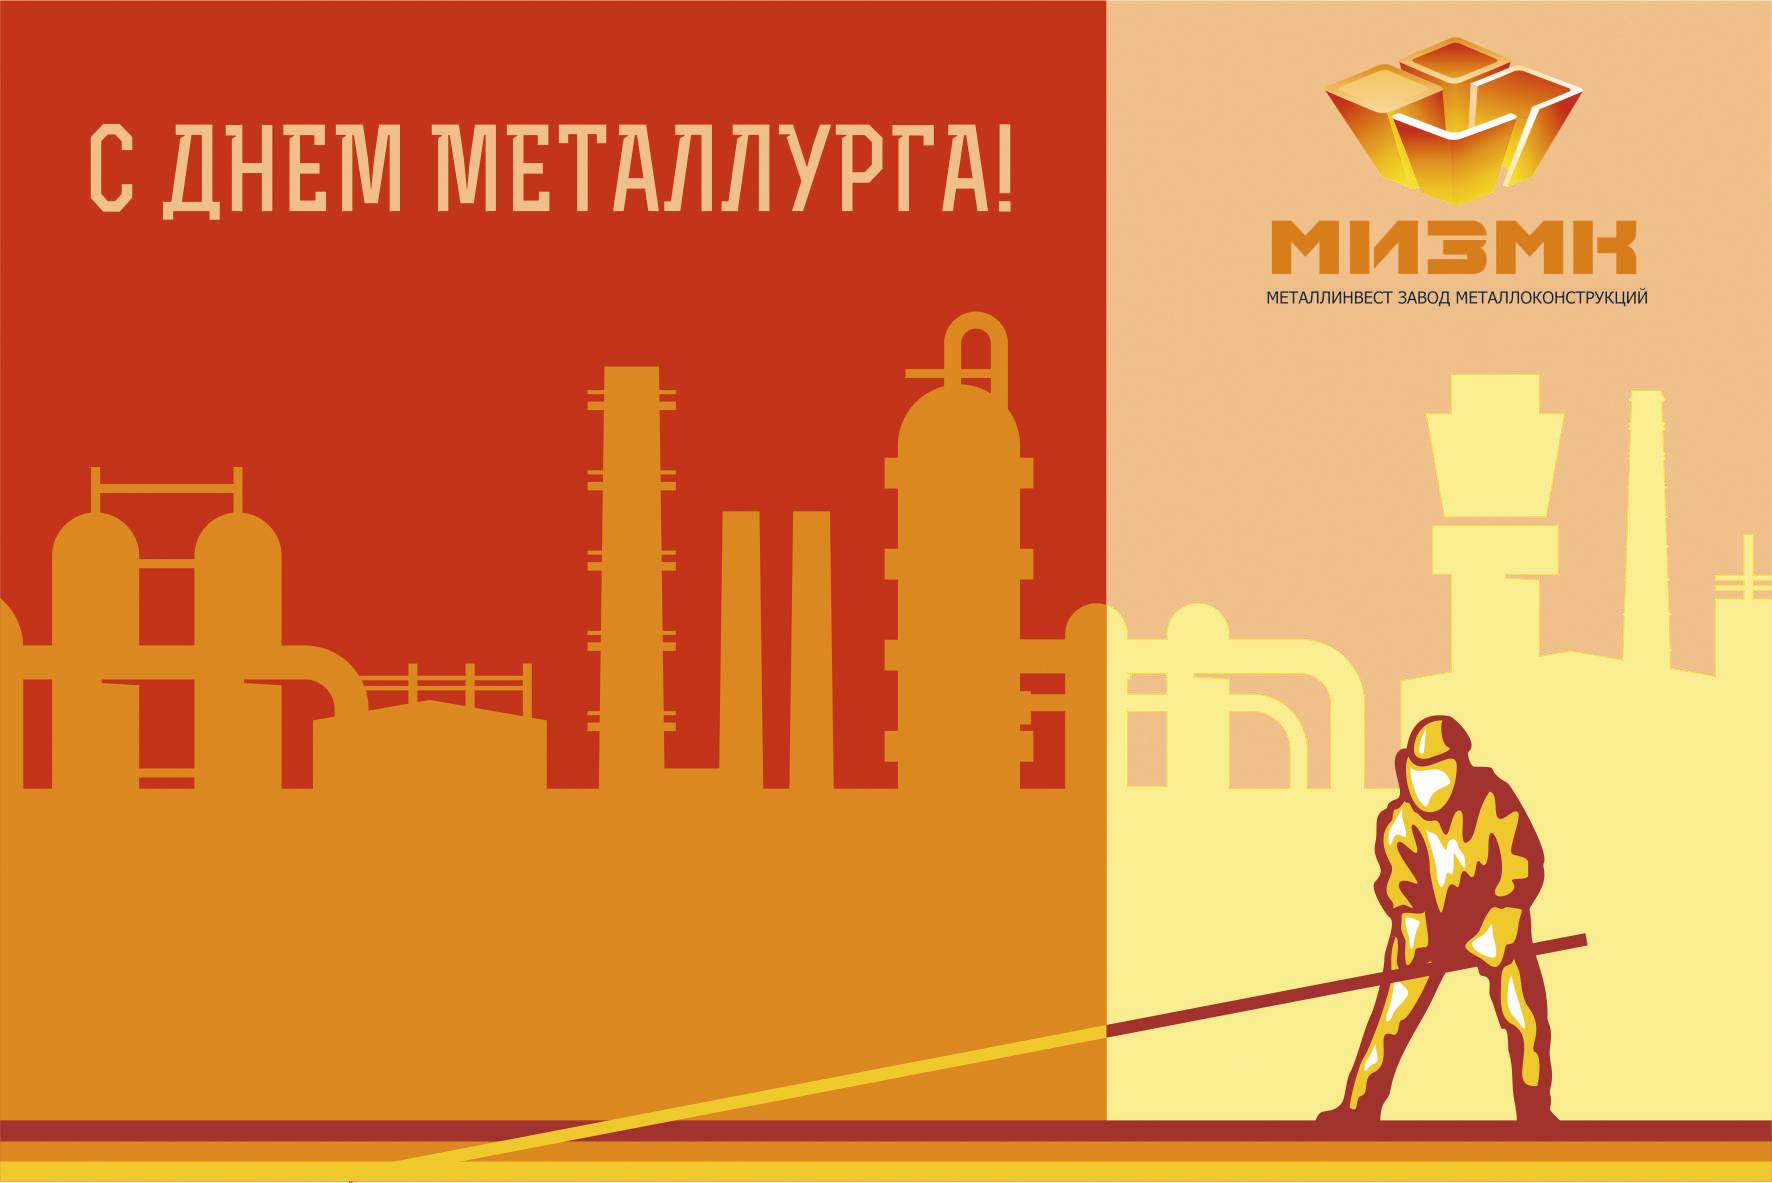 роковую открытки с днем металлурга своими руками интересным декором сегодня